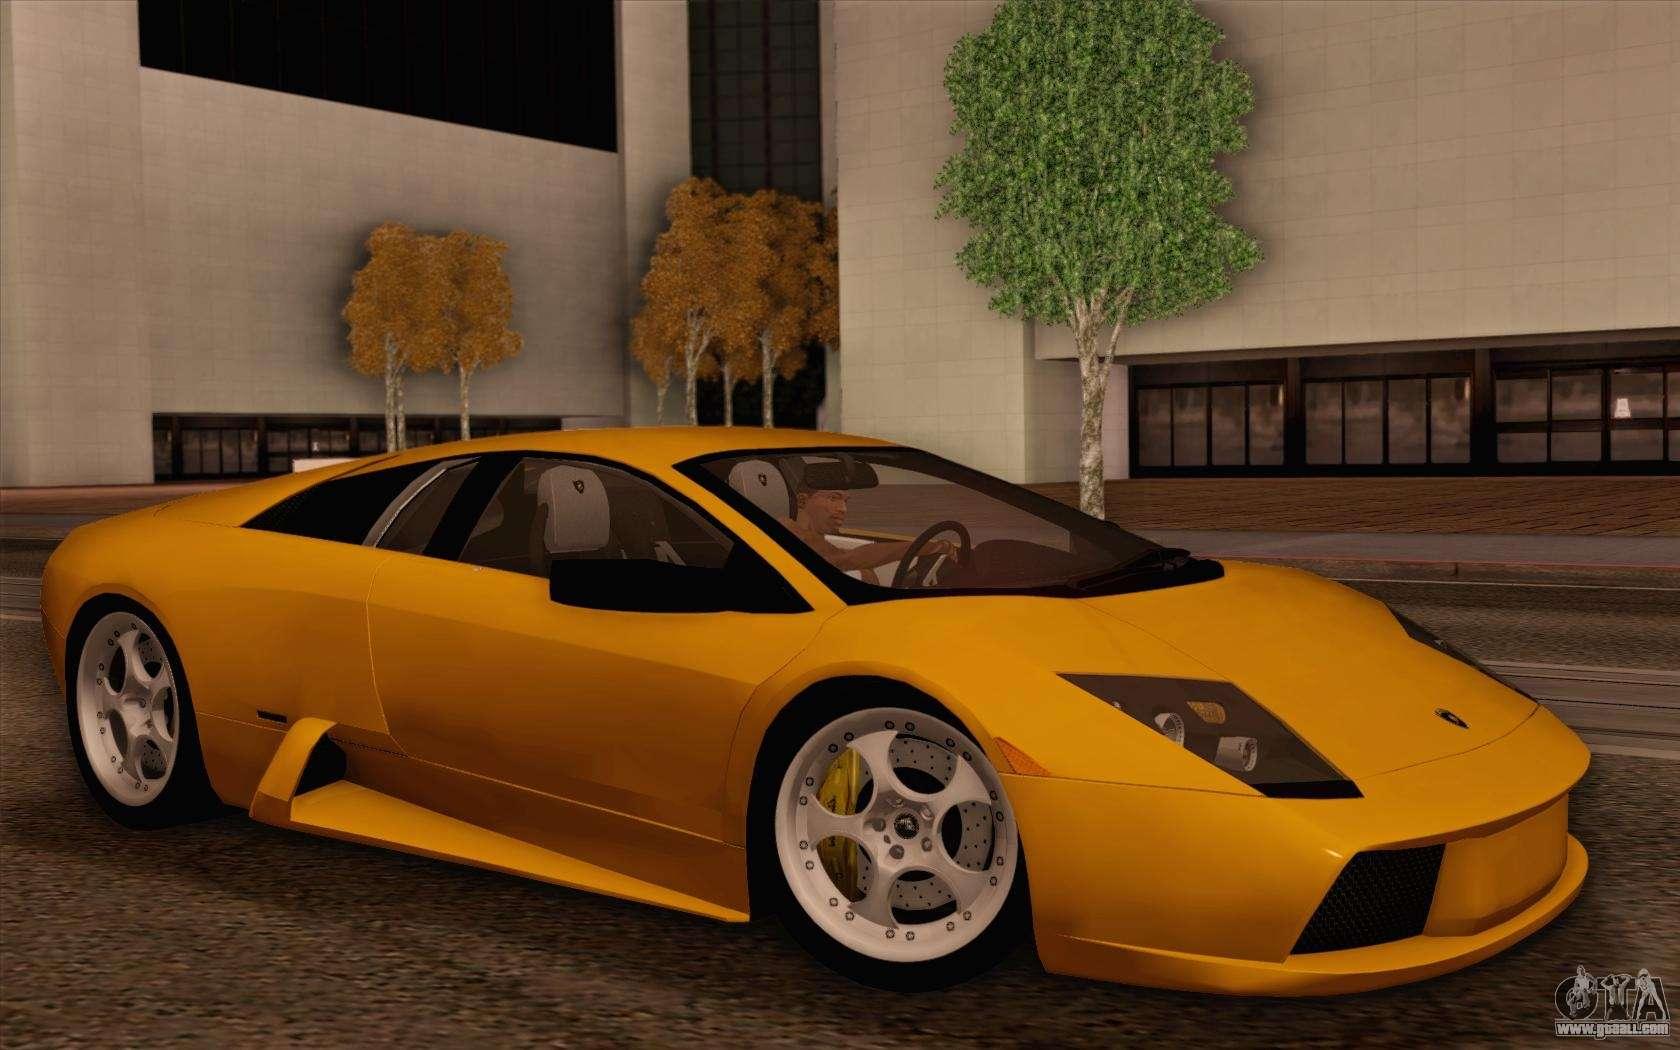 Lamborghini murci lago 2005 for gta san andreas interior